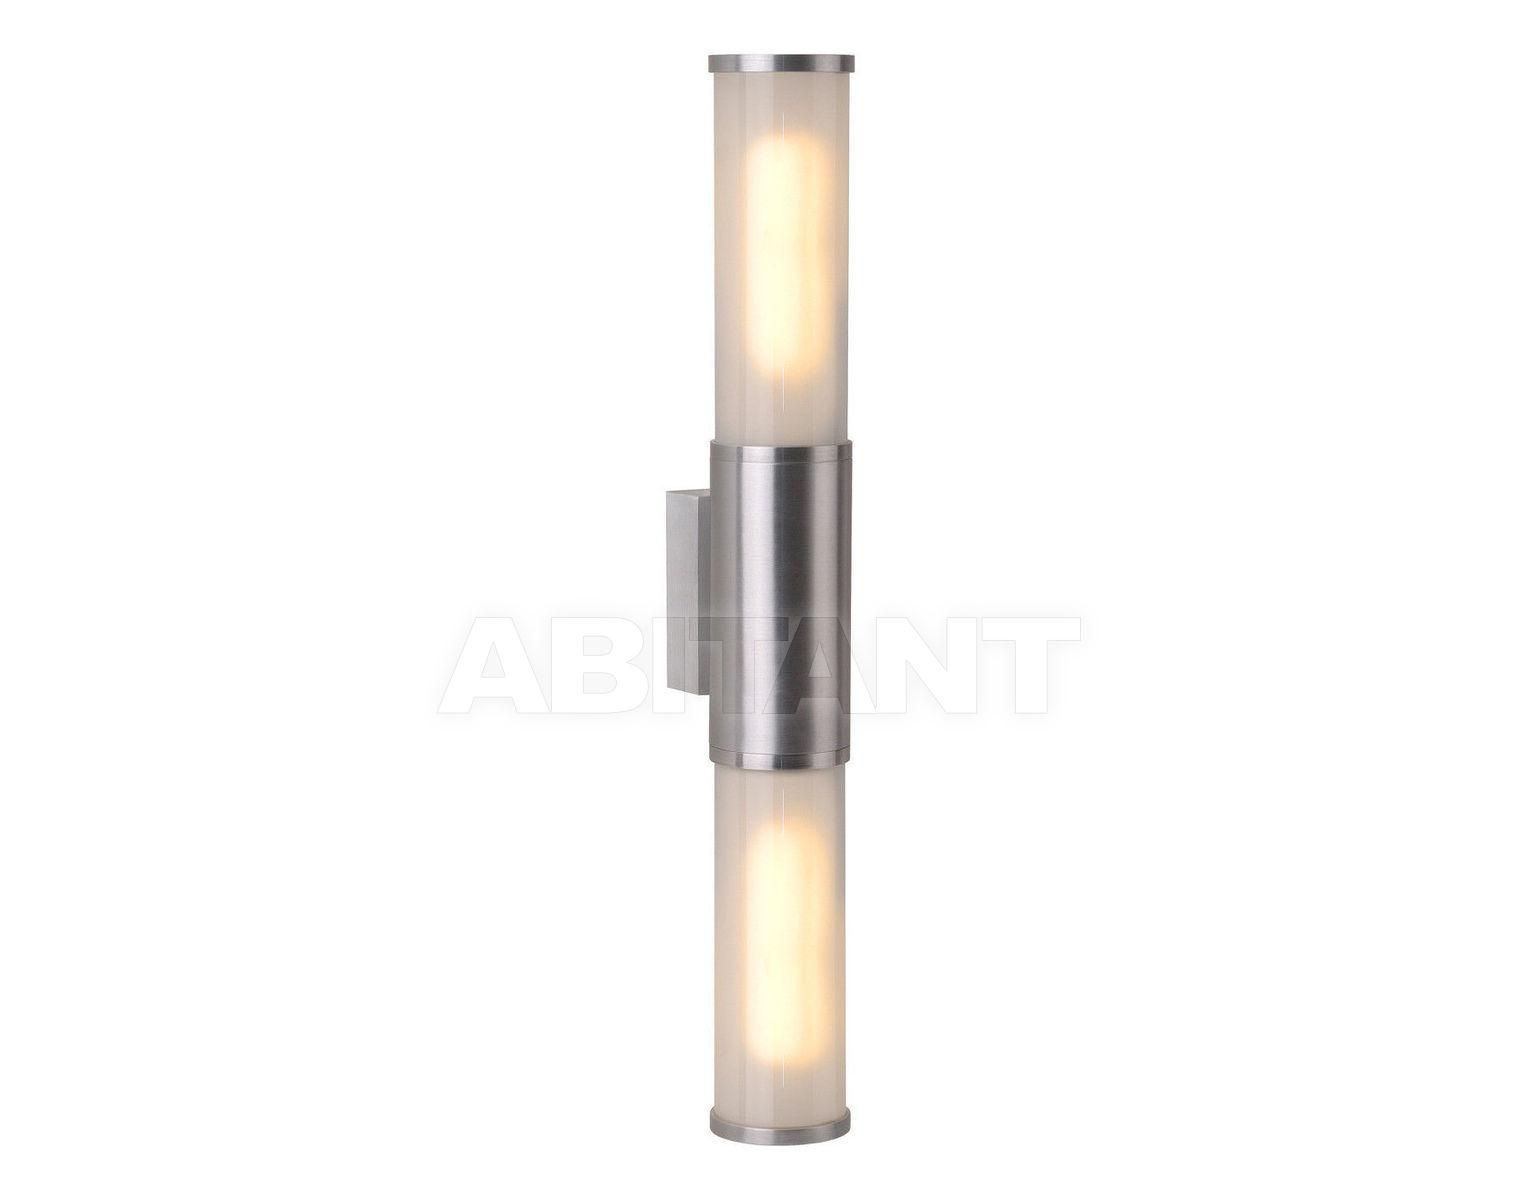 Купить Фасадный светильник CASA Lucide  Outdoor 2013 10839/22/12